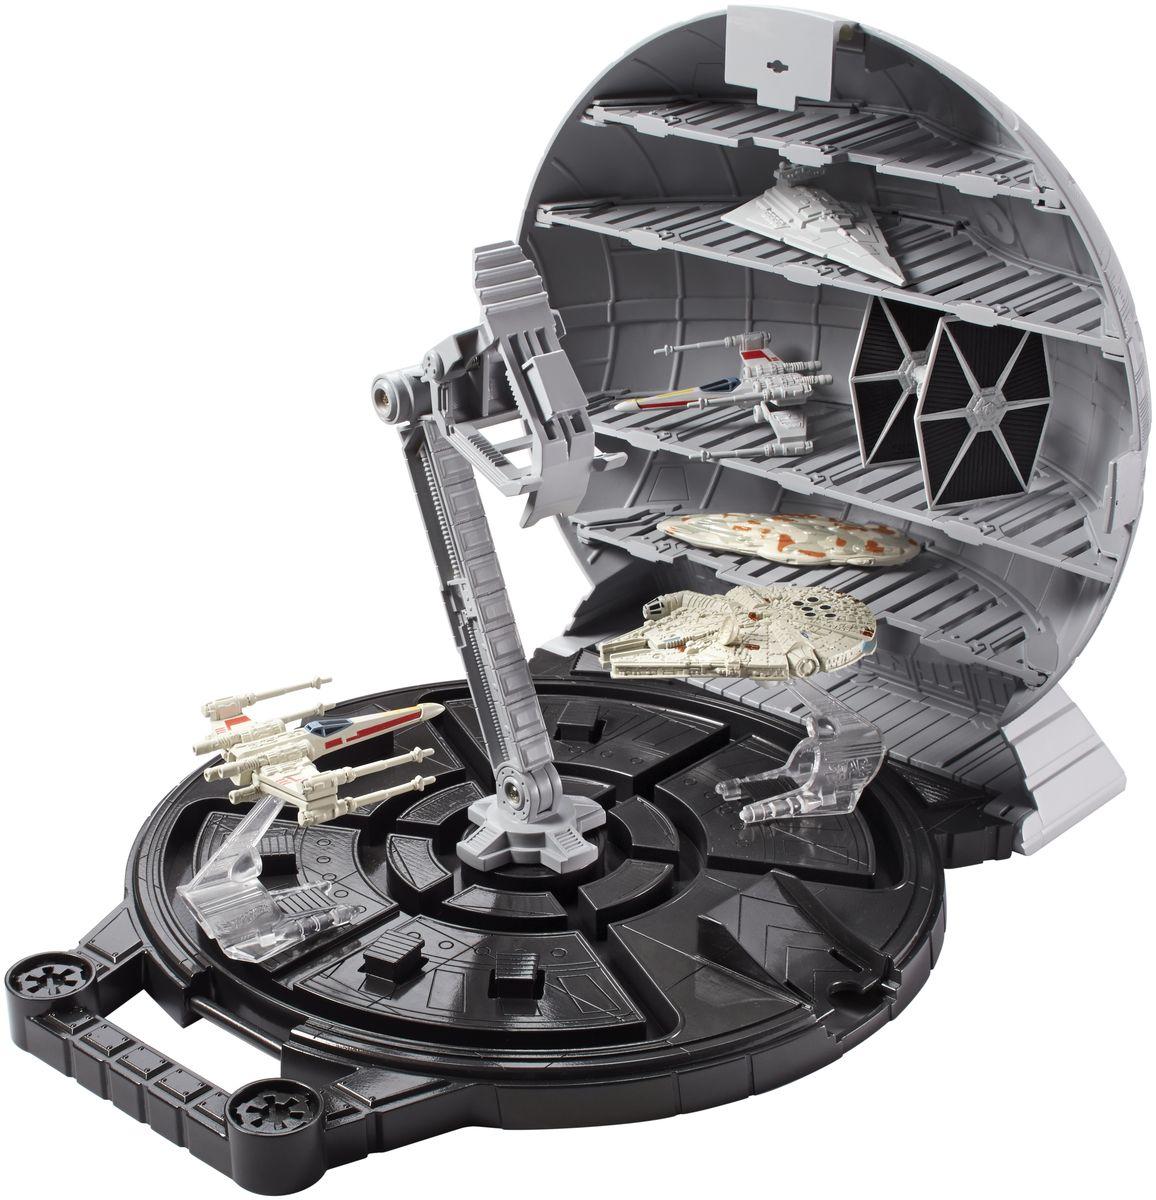 """Игровой набор Star Wars """"Звезда Смерти"""" не оставит вашего ребенка равнодушным! """"Звезда Смерти"""" выполнена в виде полукруглого чемоданчика на устойчивой платформе и с удобной ручкой. В чемоданчике есть 5 отсеков, где можно разместить около 10 звездолетов. Внутри оборудован кран для перемещения звездолетов между отделениями и два трамплина для машинок. С таким чемоданчиком не только интересно играть, но и удобно хранить звездолеты и другие атрибуты Звездных войн. Игрушка выполнена из прочного безопасного пластика с высокой точностью детализации даже самых мелких частей. Создай свой галактический флот Звездных войн и восстанови самые эпичные сражения из нового эпизода саги. Ребенок сможет часами играть с этим набором, придумывая разные истории. Порадуйте его таким замечательным подарком! Звездолеты в комплект не входят."""